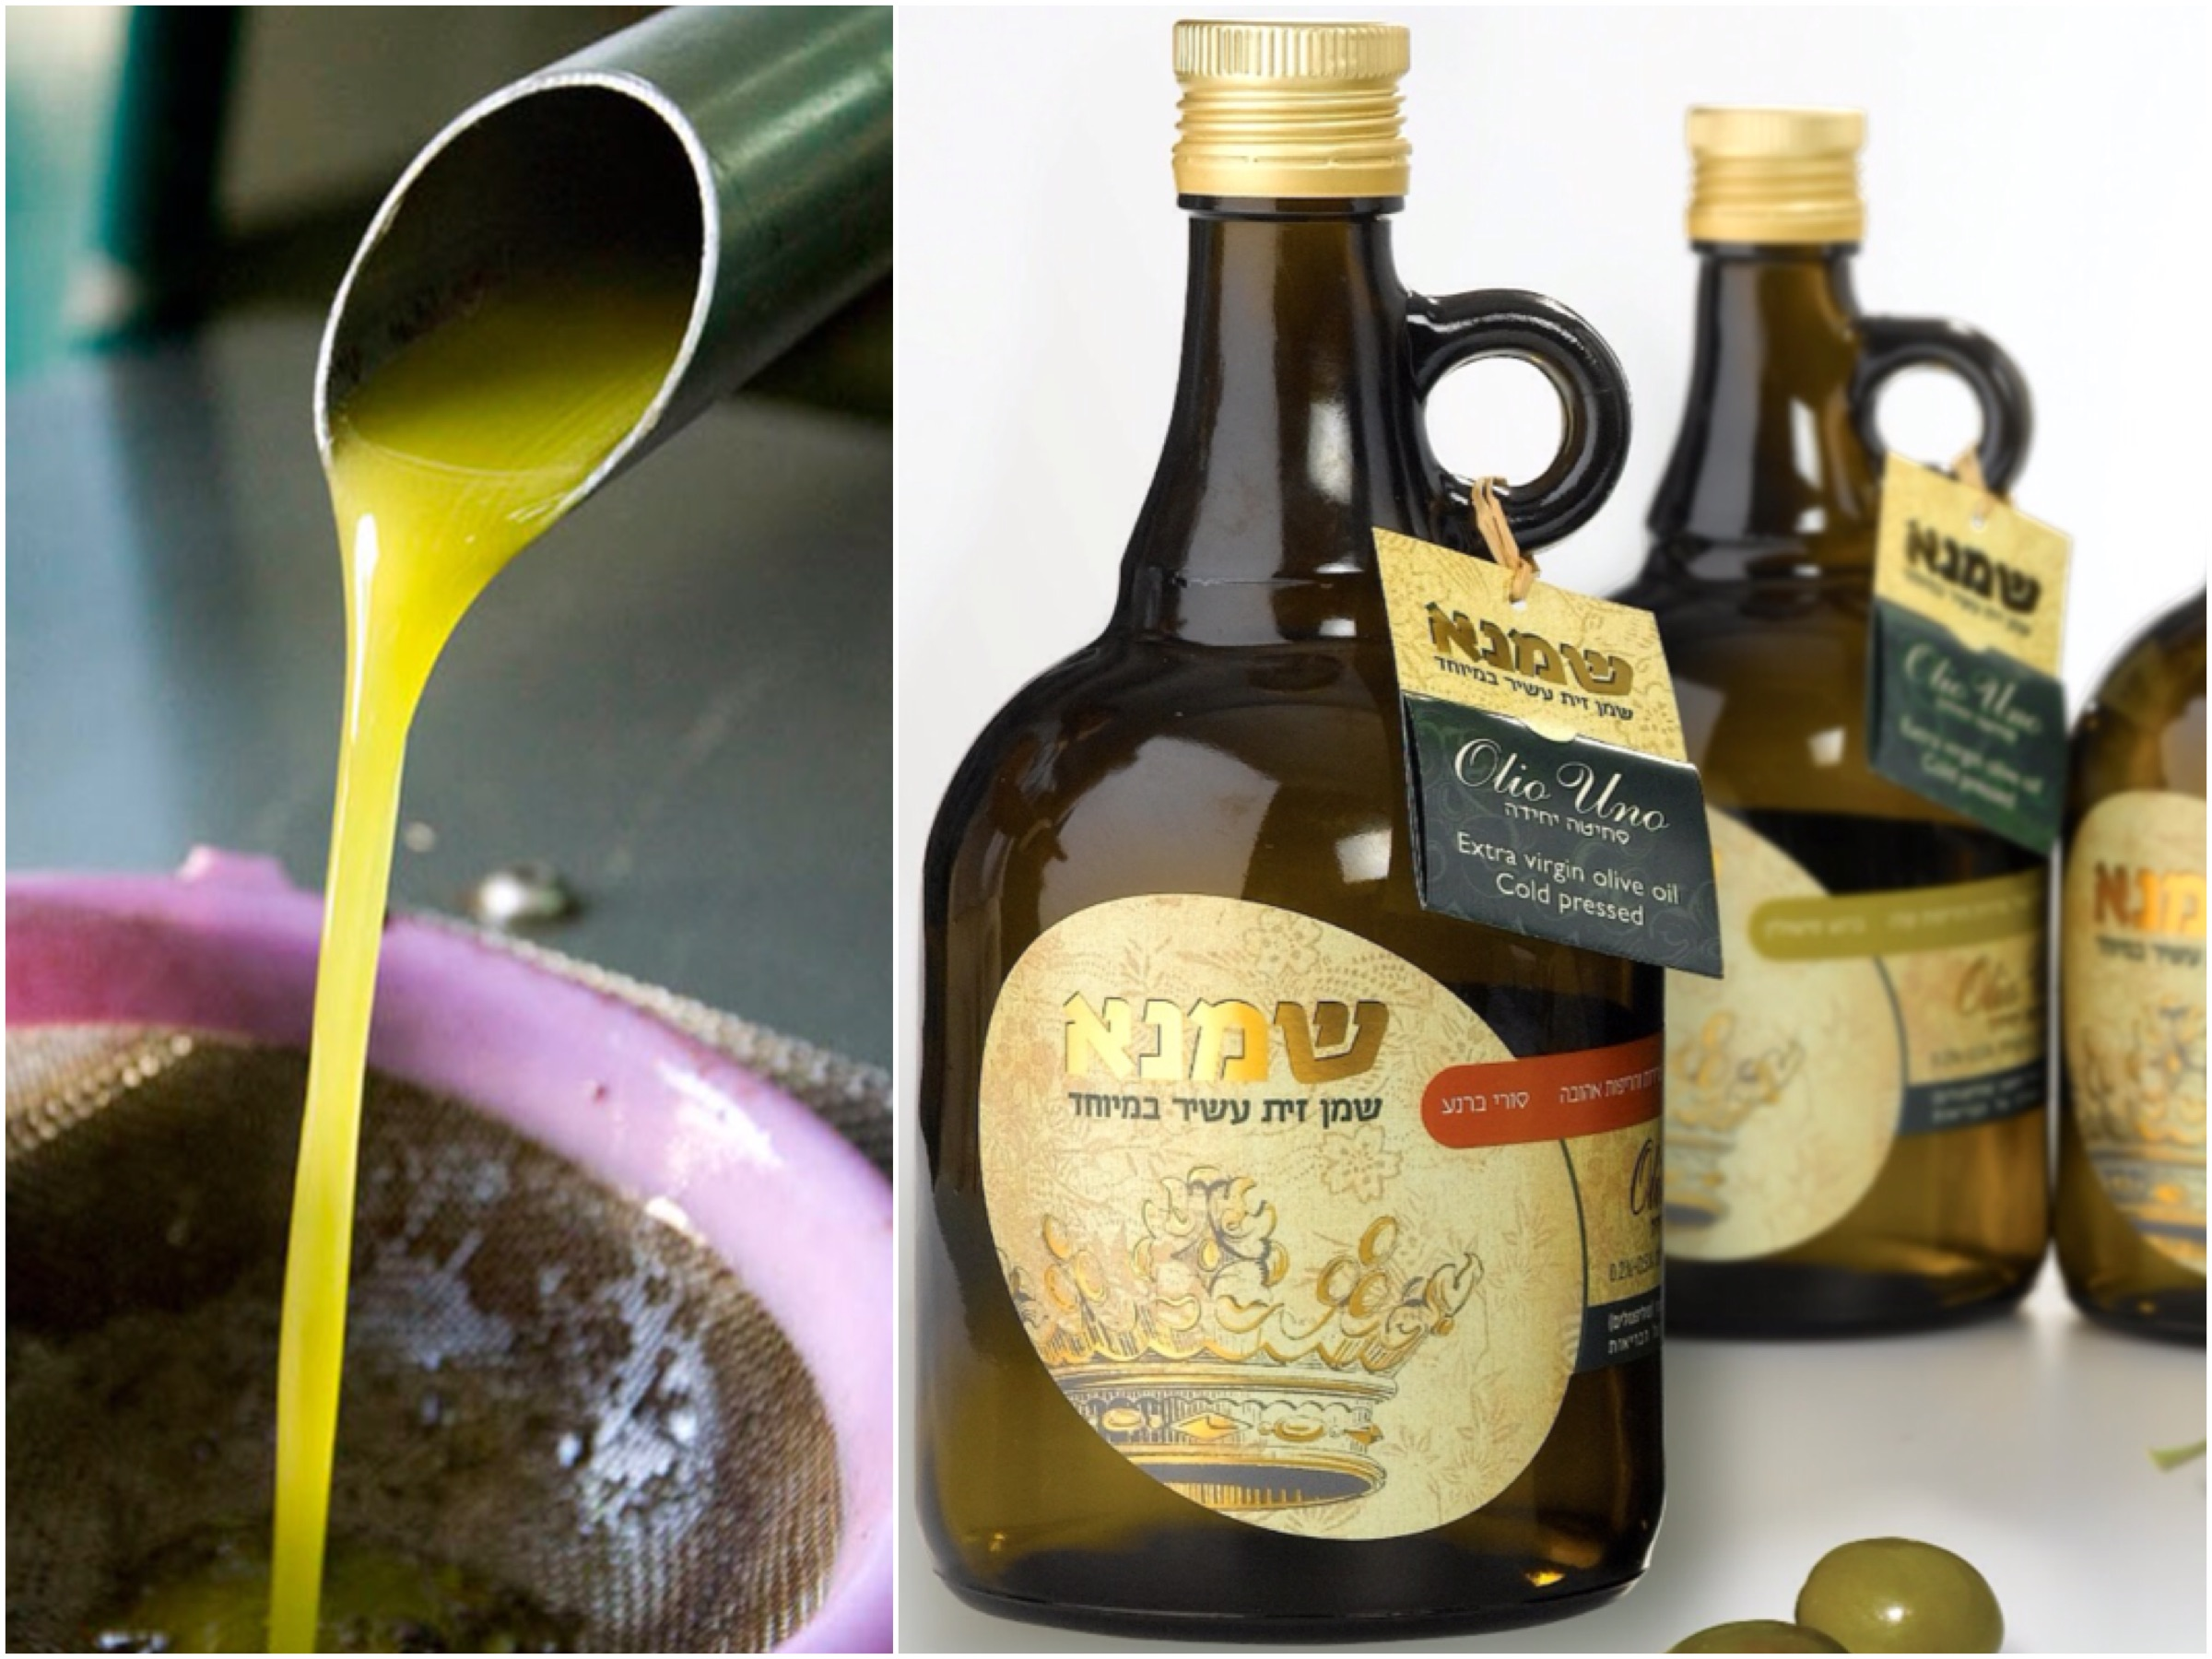 Читаем этикетки: какие надписи говорят о качестве оливкового масла?